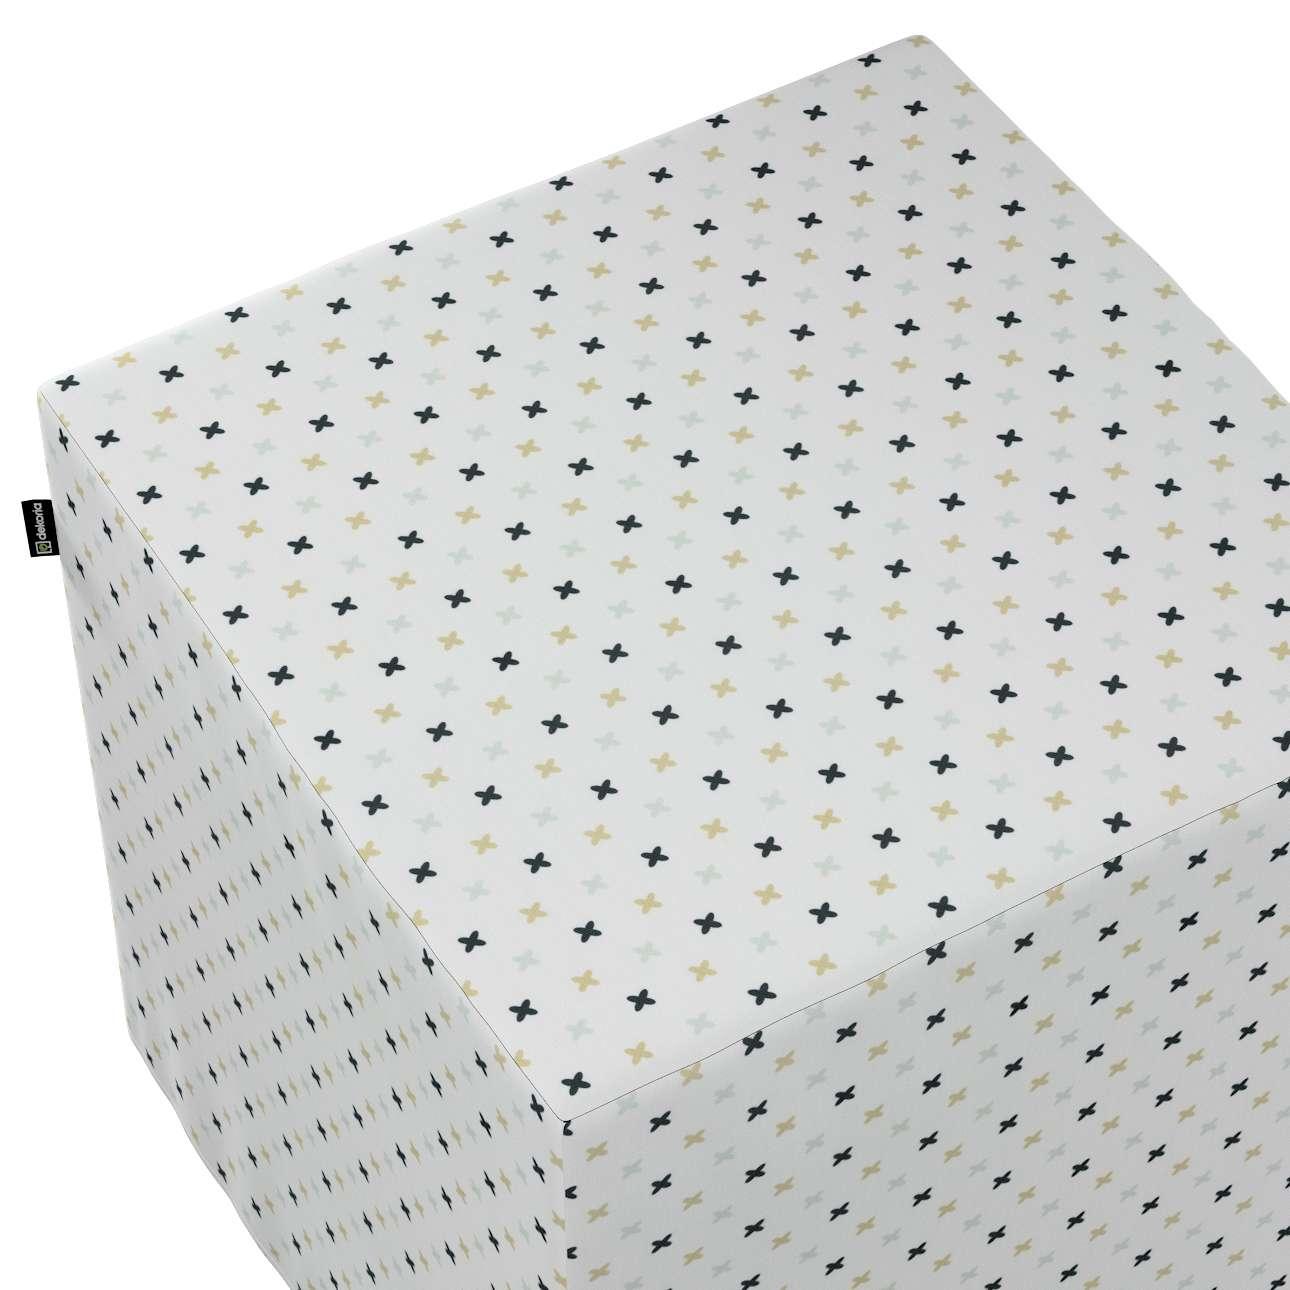 Pokrowiec na pufę kostkę w kolekcji Adventure, tkanina: 141-83